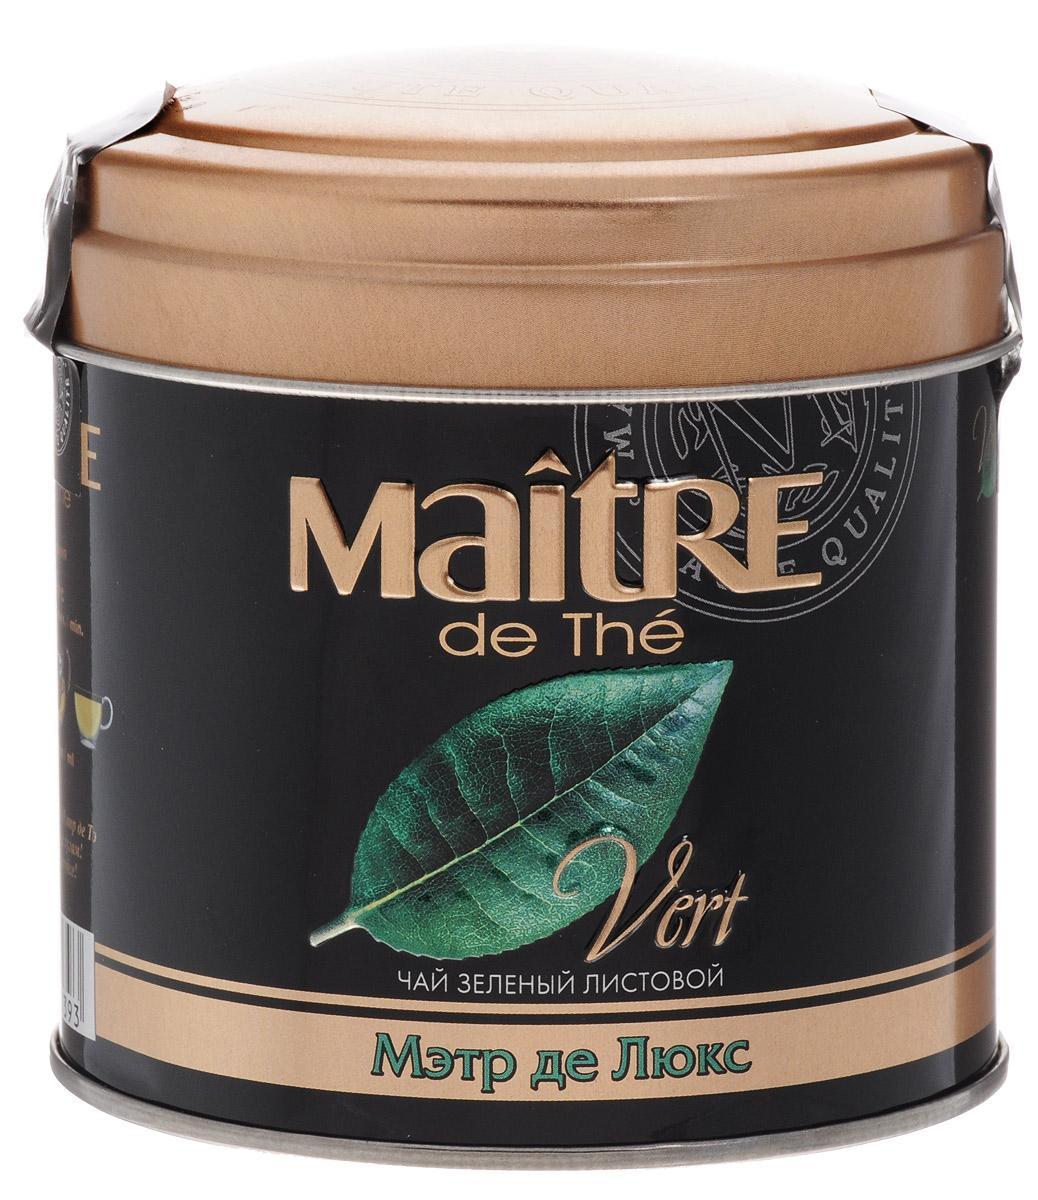 Maitre de The Де Люкс зеленый листовой чай, 65 г (жестяная банка)бар170рMaitre de The Де Люкс Зеленый листовой чай - это необыкновенный чай, сочетающий изысканный сладкий аромат белого чая со вкусом и полезными свойствами зеленого чая.Белые чайные листочки придают настою яркий прозрачный цвет.